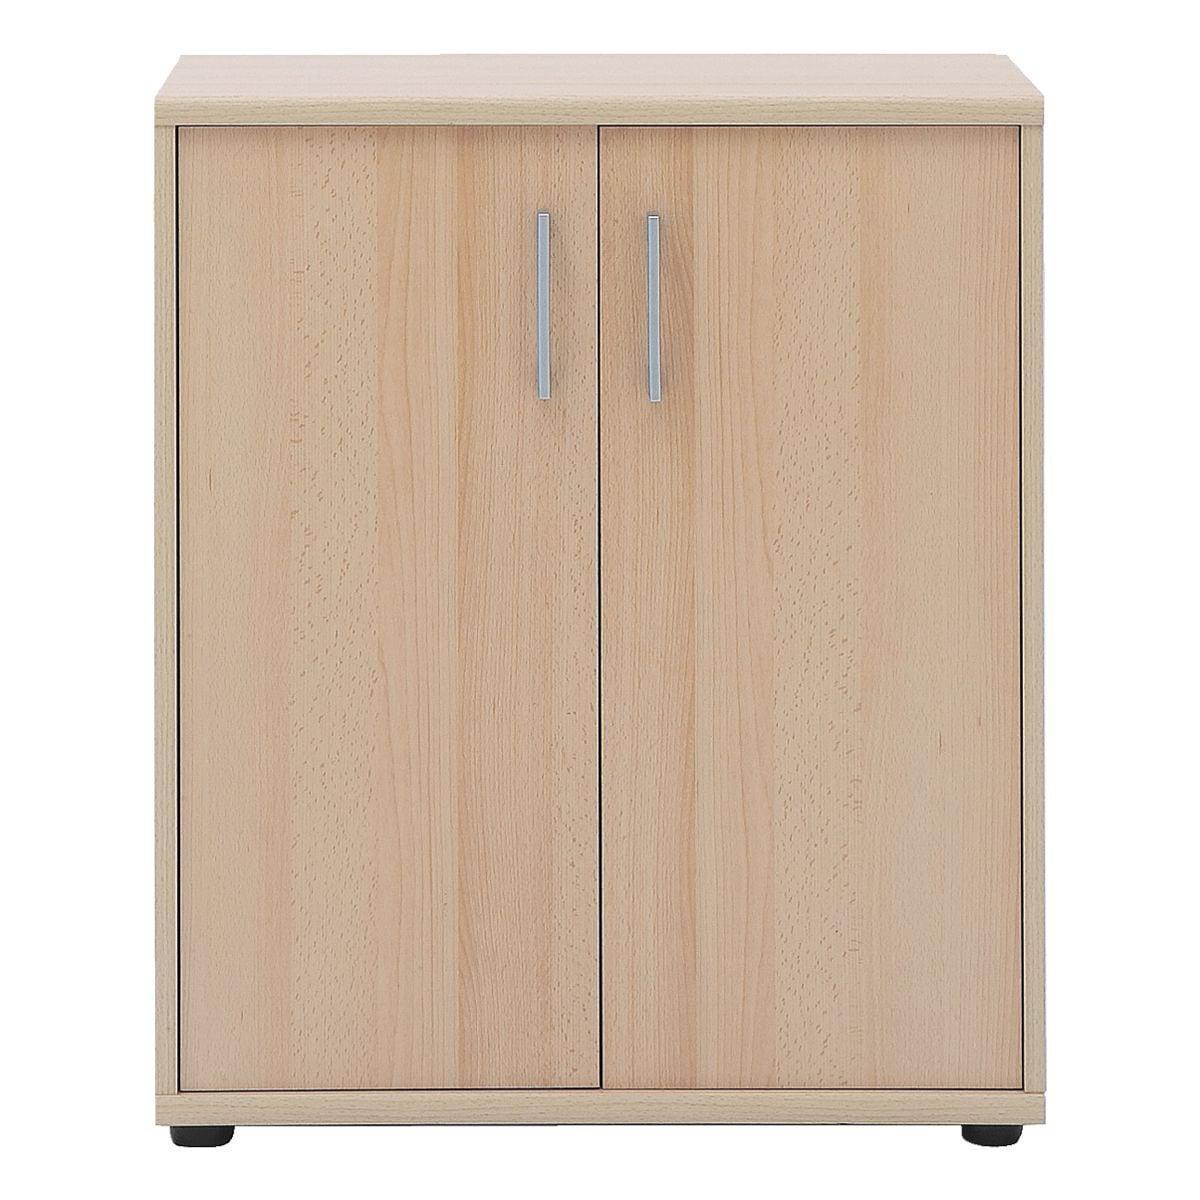 aktenschrank smileline iv 65 cm breit 2 oh bei otto office g nstig kaufen. Black Bedroom Furniture Sets. Home Design Ideas